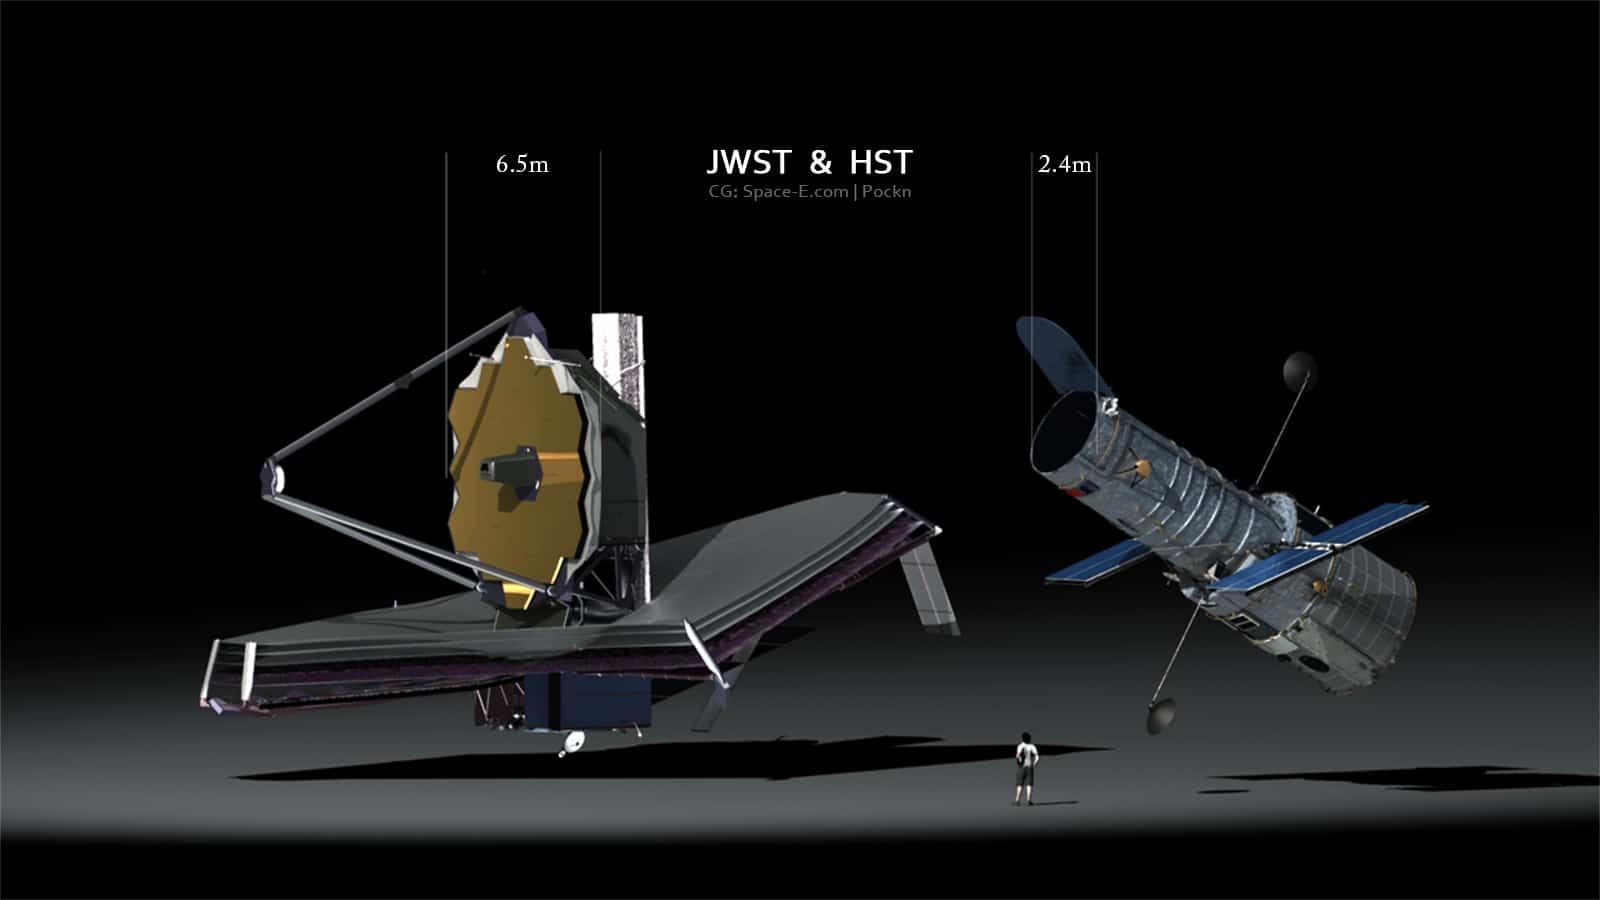 تلسکوپ هابل در کنار جانشین جدیدش تلسکوپ فضایی جیمز وب JWST